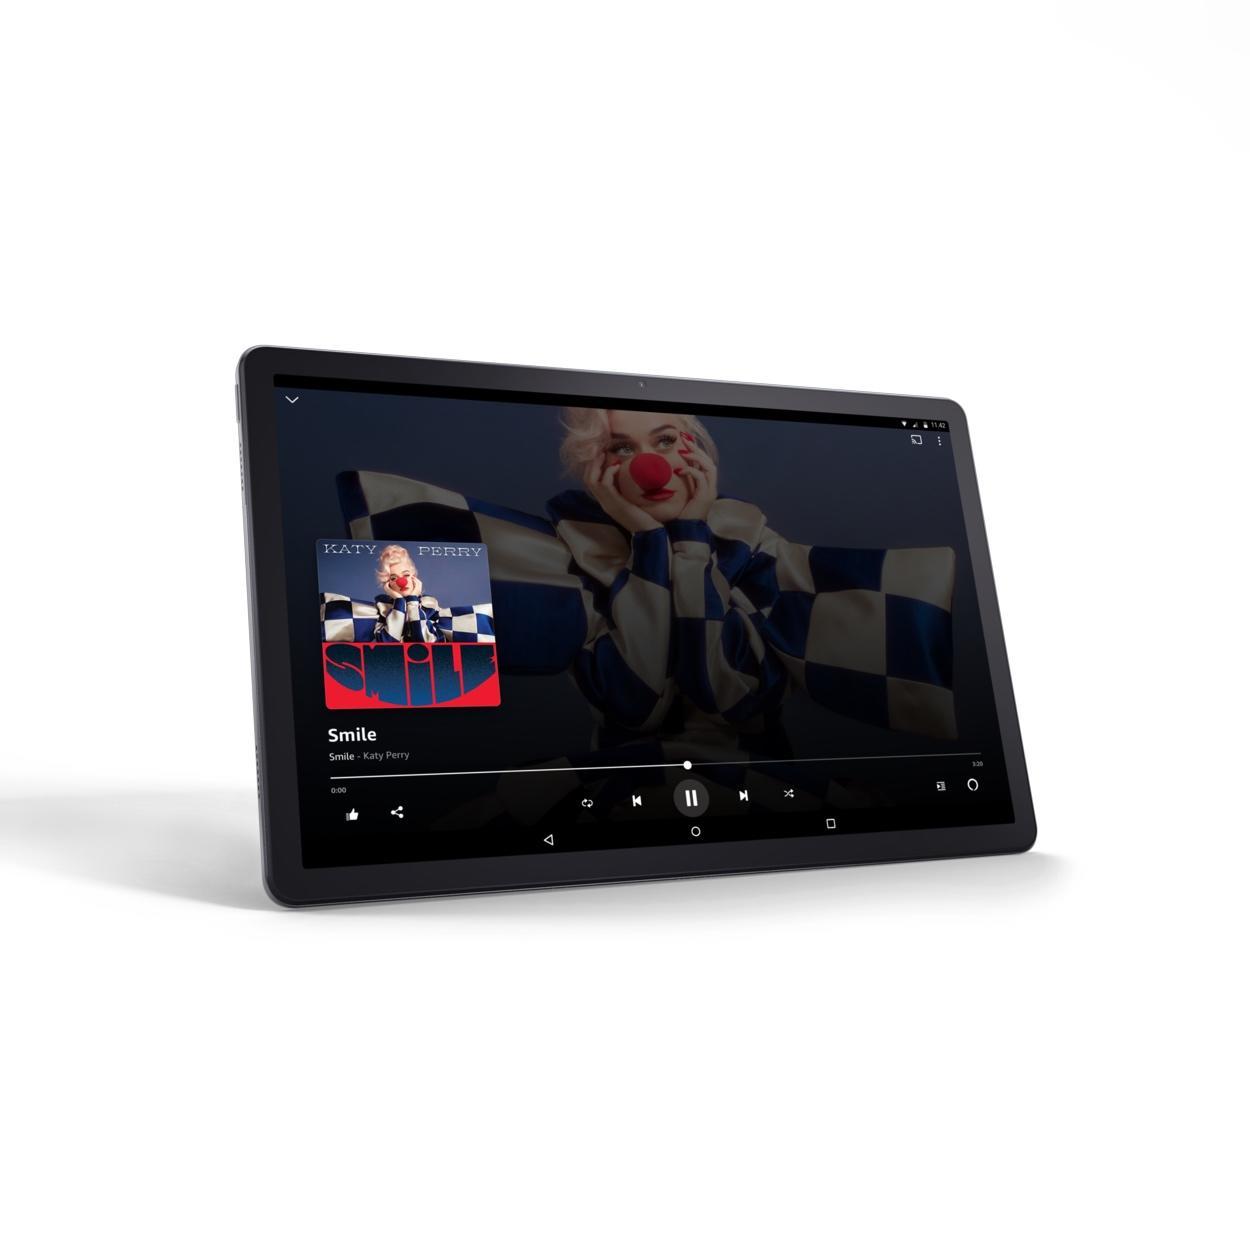 Lenovo giới thiệu loạt máy tính bảng và đồng hồ thông minh mới